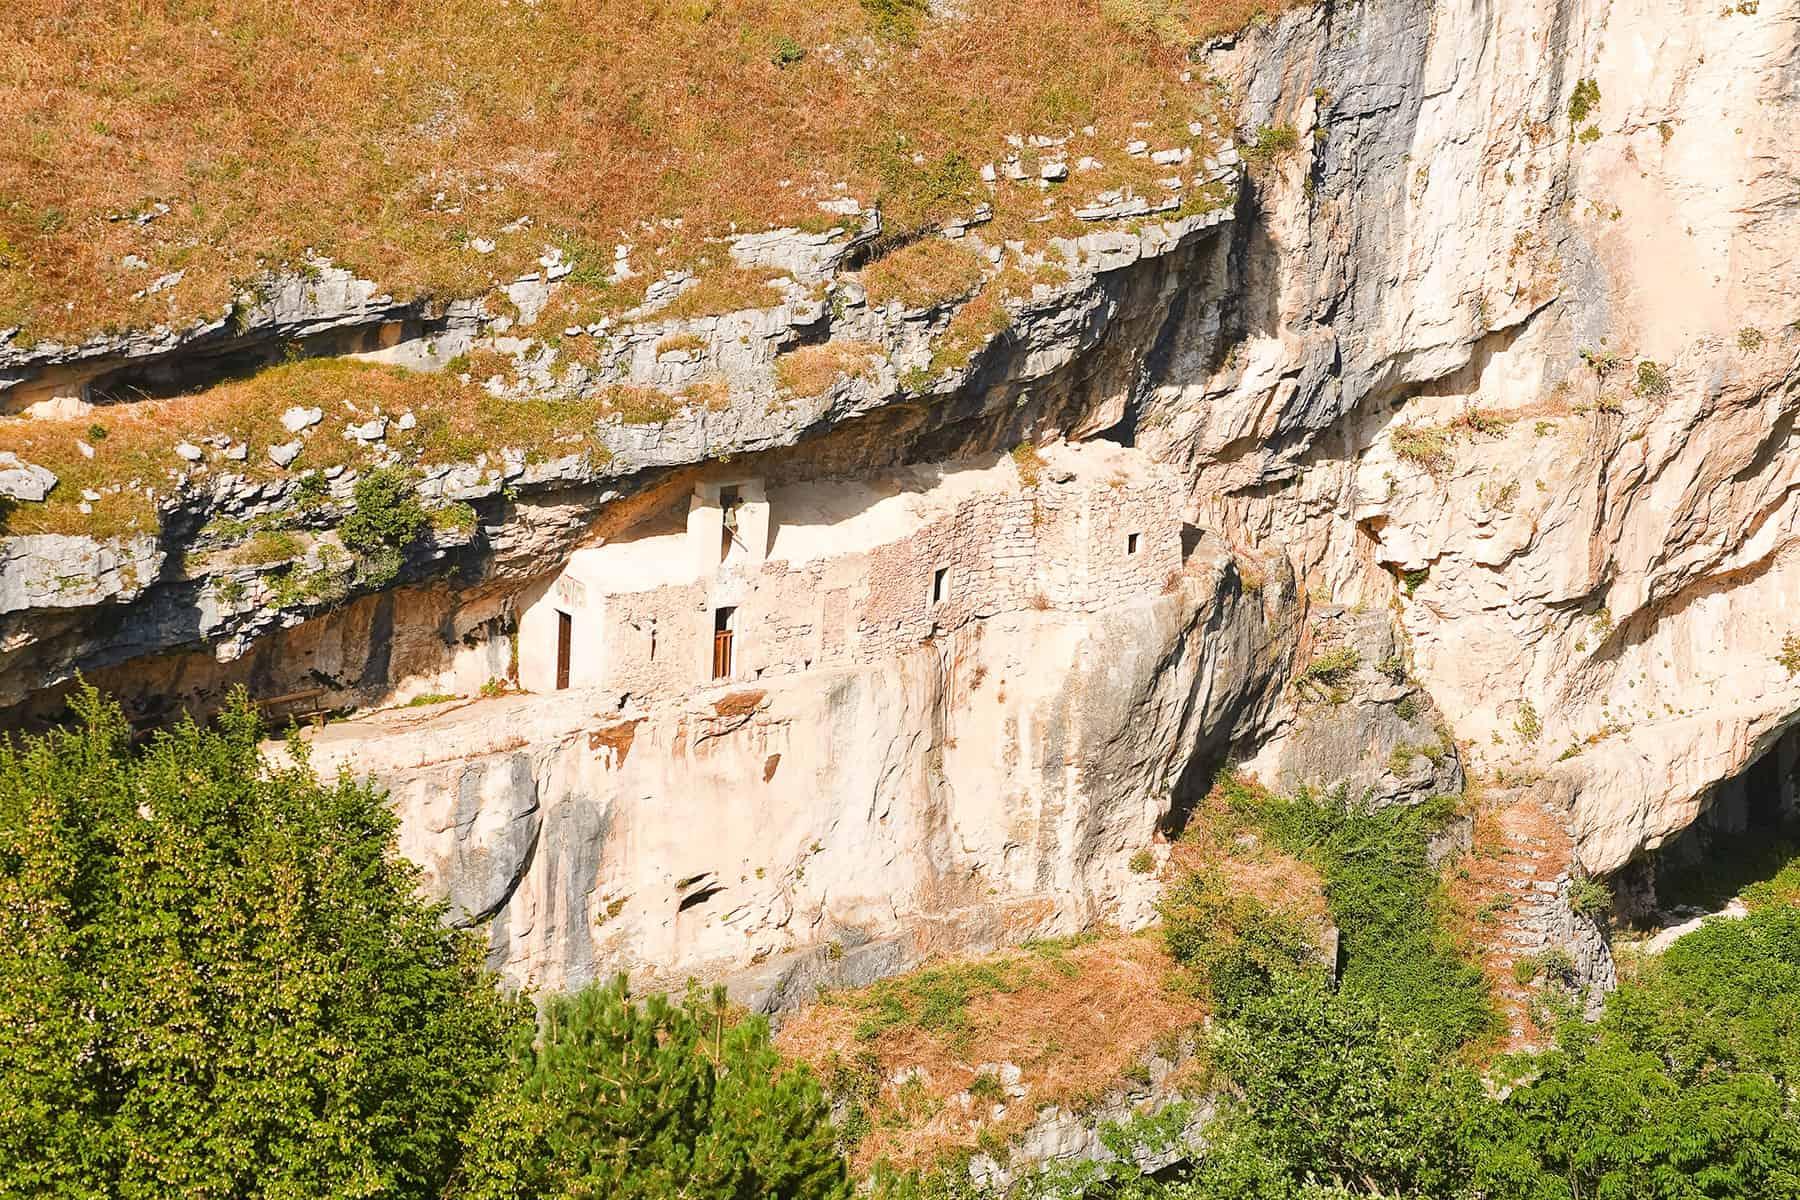 Eremo di San Bartolomeo in Legio – Vaghis viaggi & turismo Italia - Tutti i diritti riservati